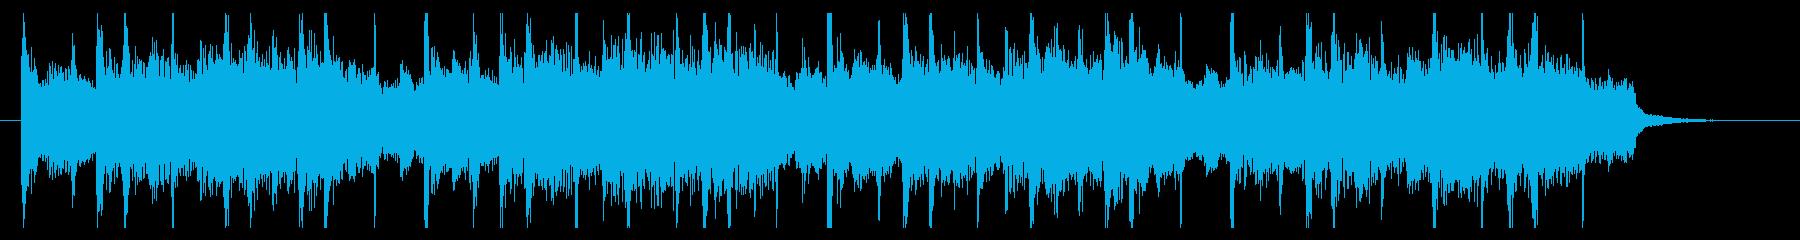 ピアノメロディの爽やかなショートBGMの再生済みの波形